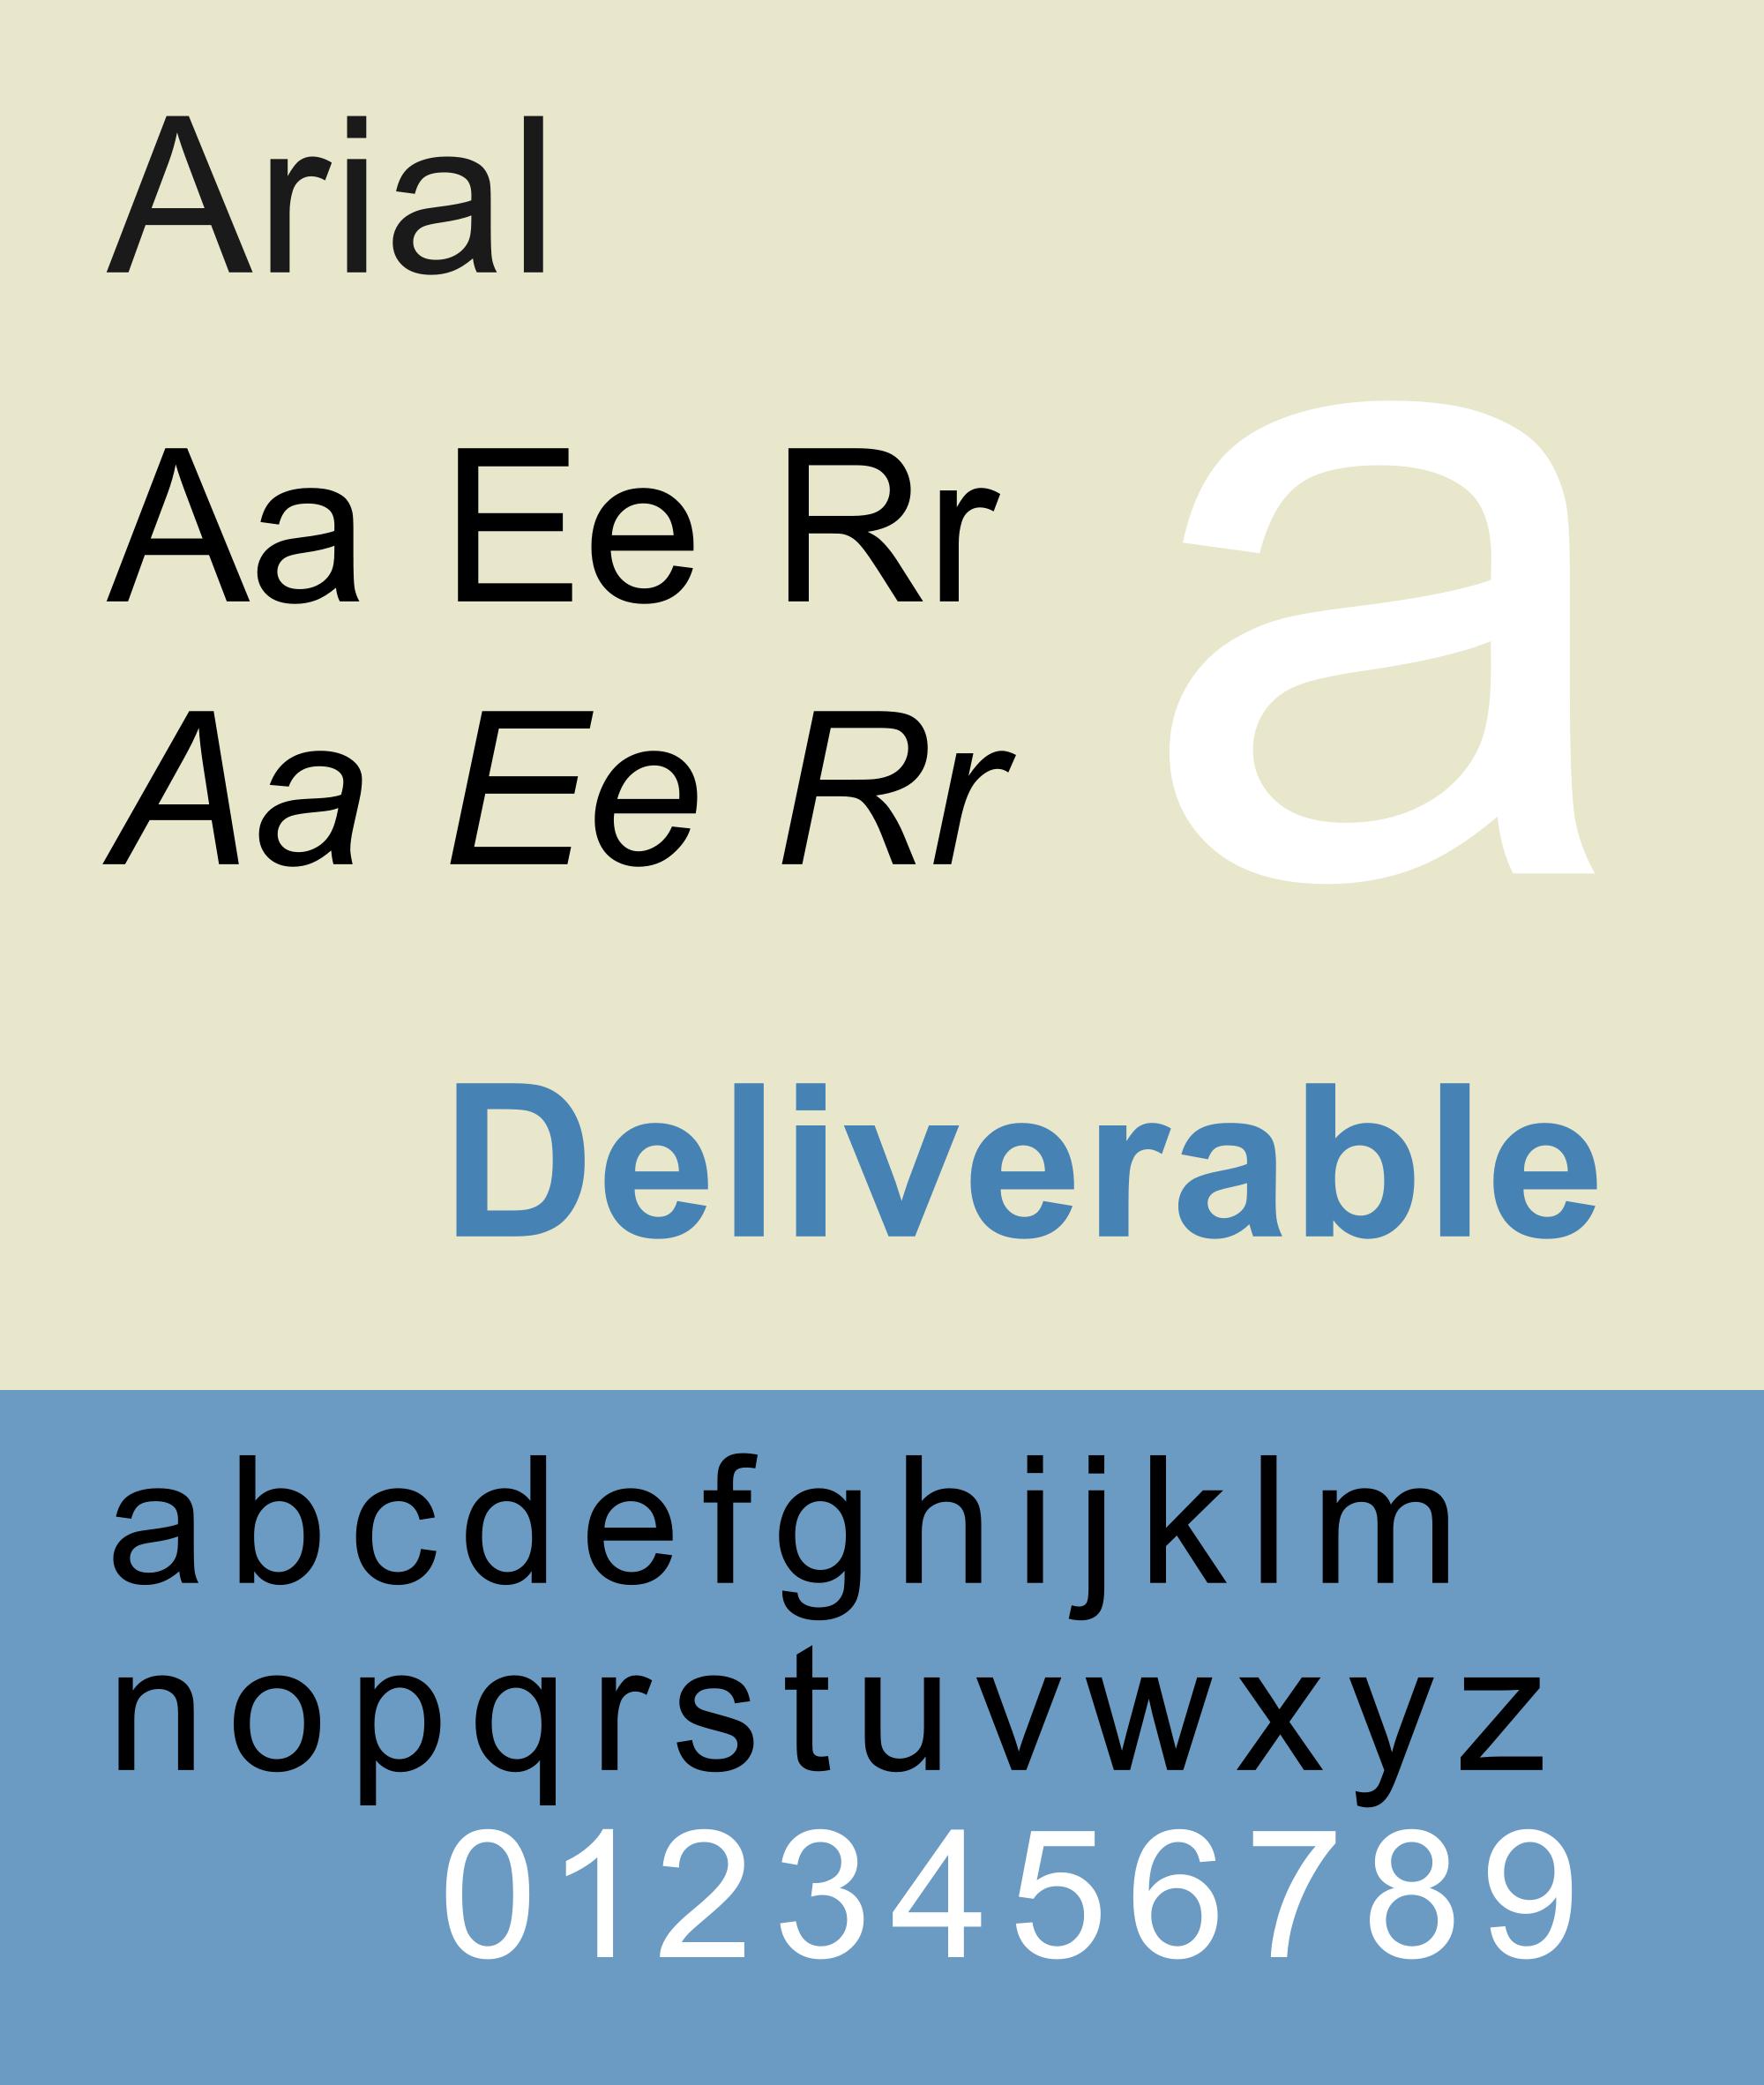 las tipografías más utilizadas en publicidad: Arial